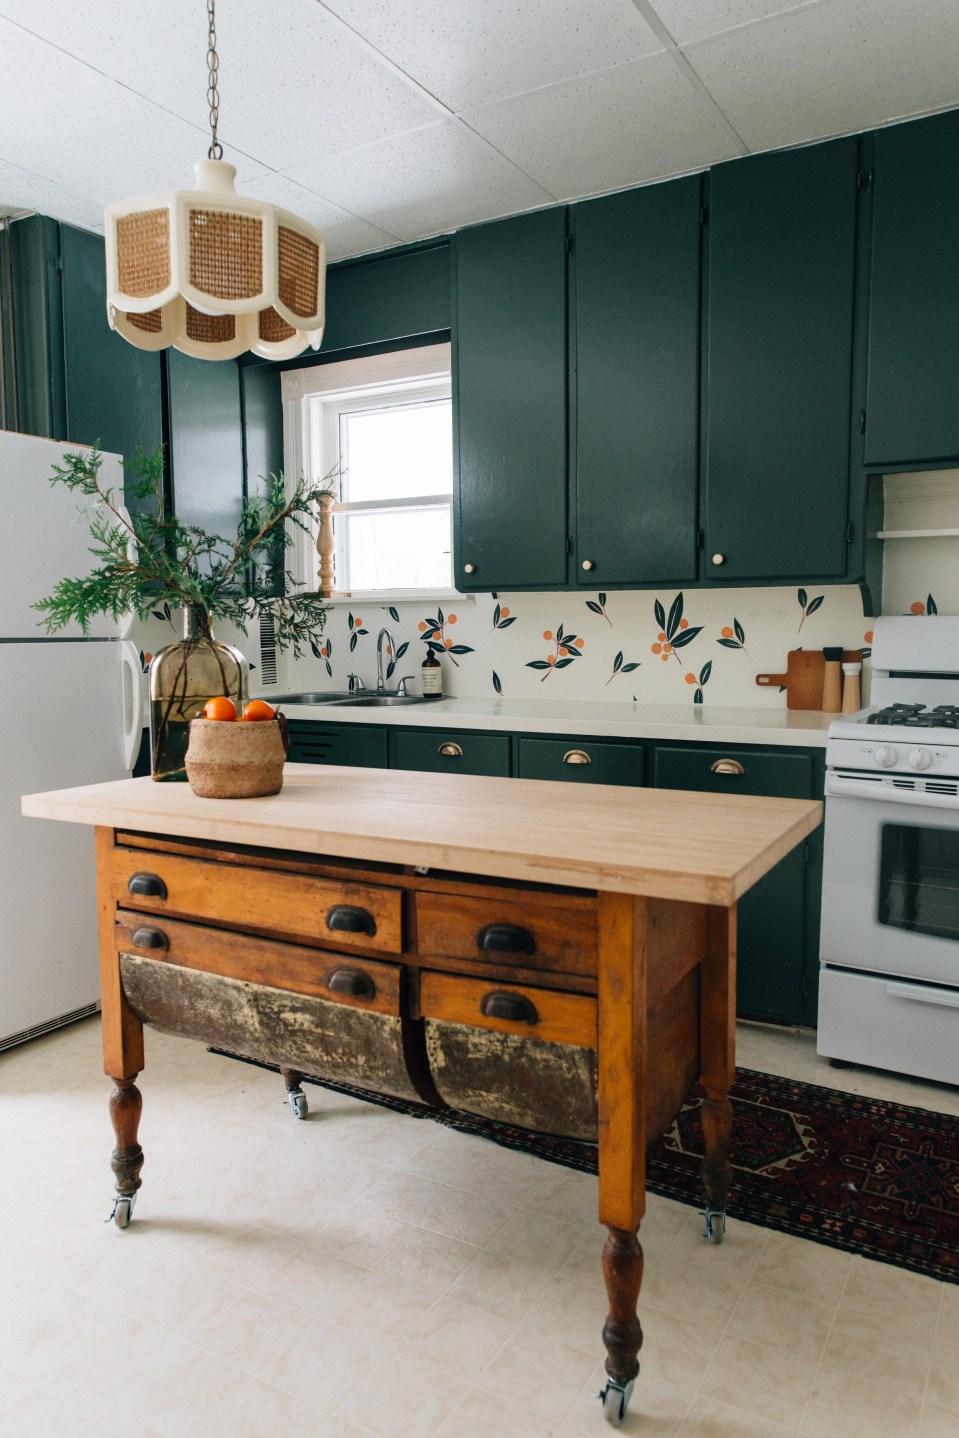 Dark Green Kitchen Cupboard - Vintage Inspired Kitchen - Green Kitchen - Urban Walls Decals